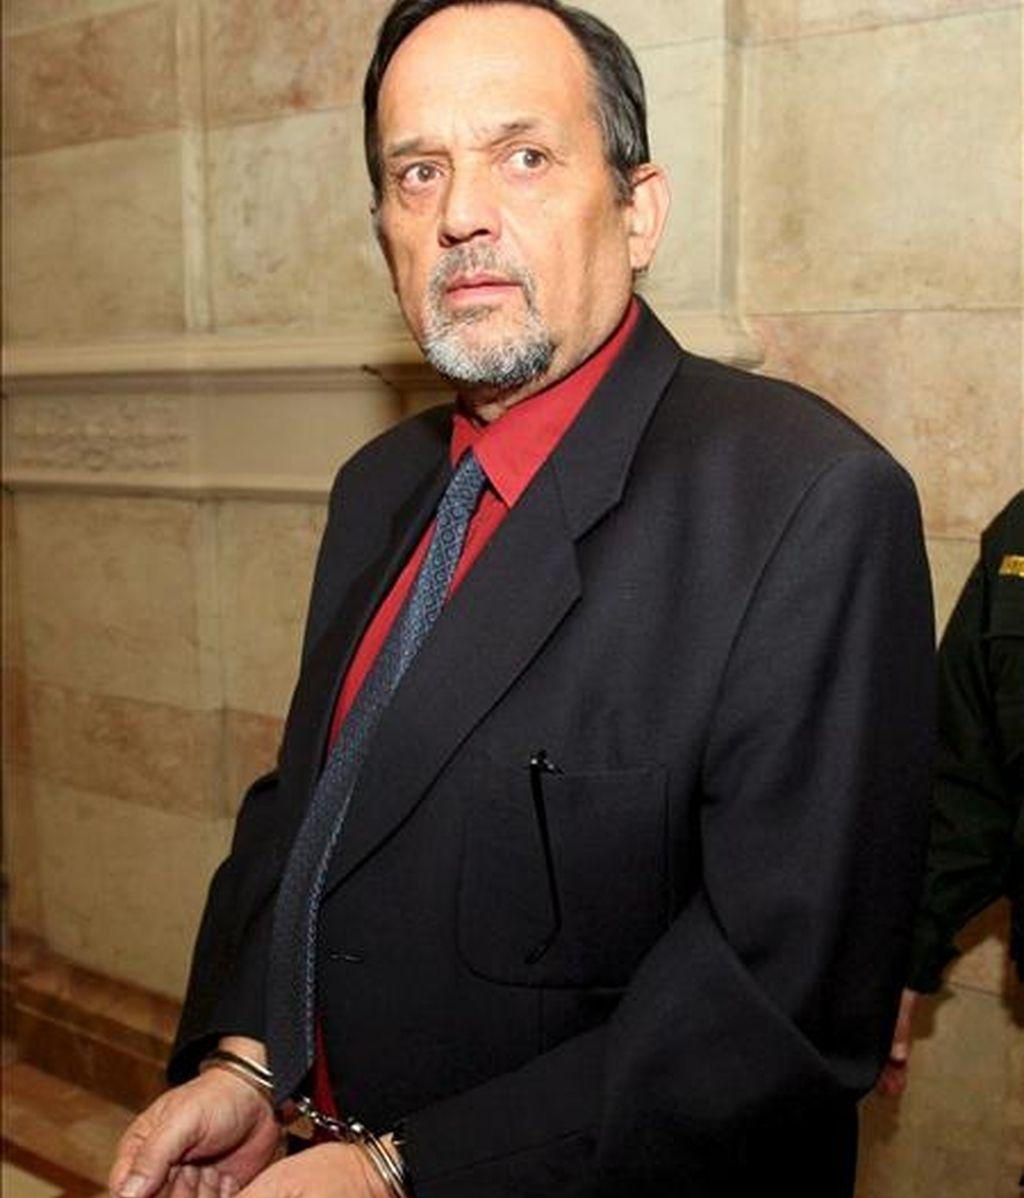 El pronazi Gerd Honsik fotografiado durante su juicio de apelación en Viena (Austria), el 3 de diciembre de 2007. En 1992, Honsik fue hallado culpable por negar el holocausto y fue sentenciado a 18 meses de prisión. Honsik huyó a España y fue arrestado en Málaga en agosto de 2007 y extraditado a Austria. EFE/Archivo